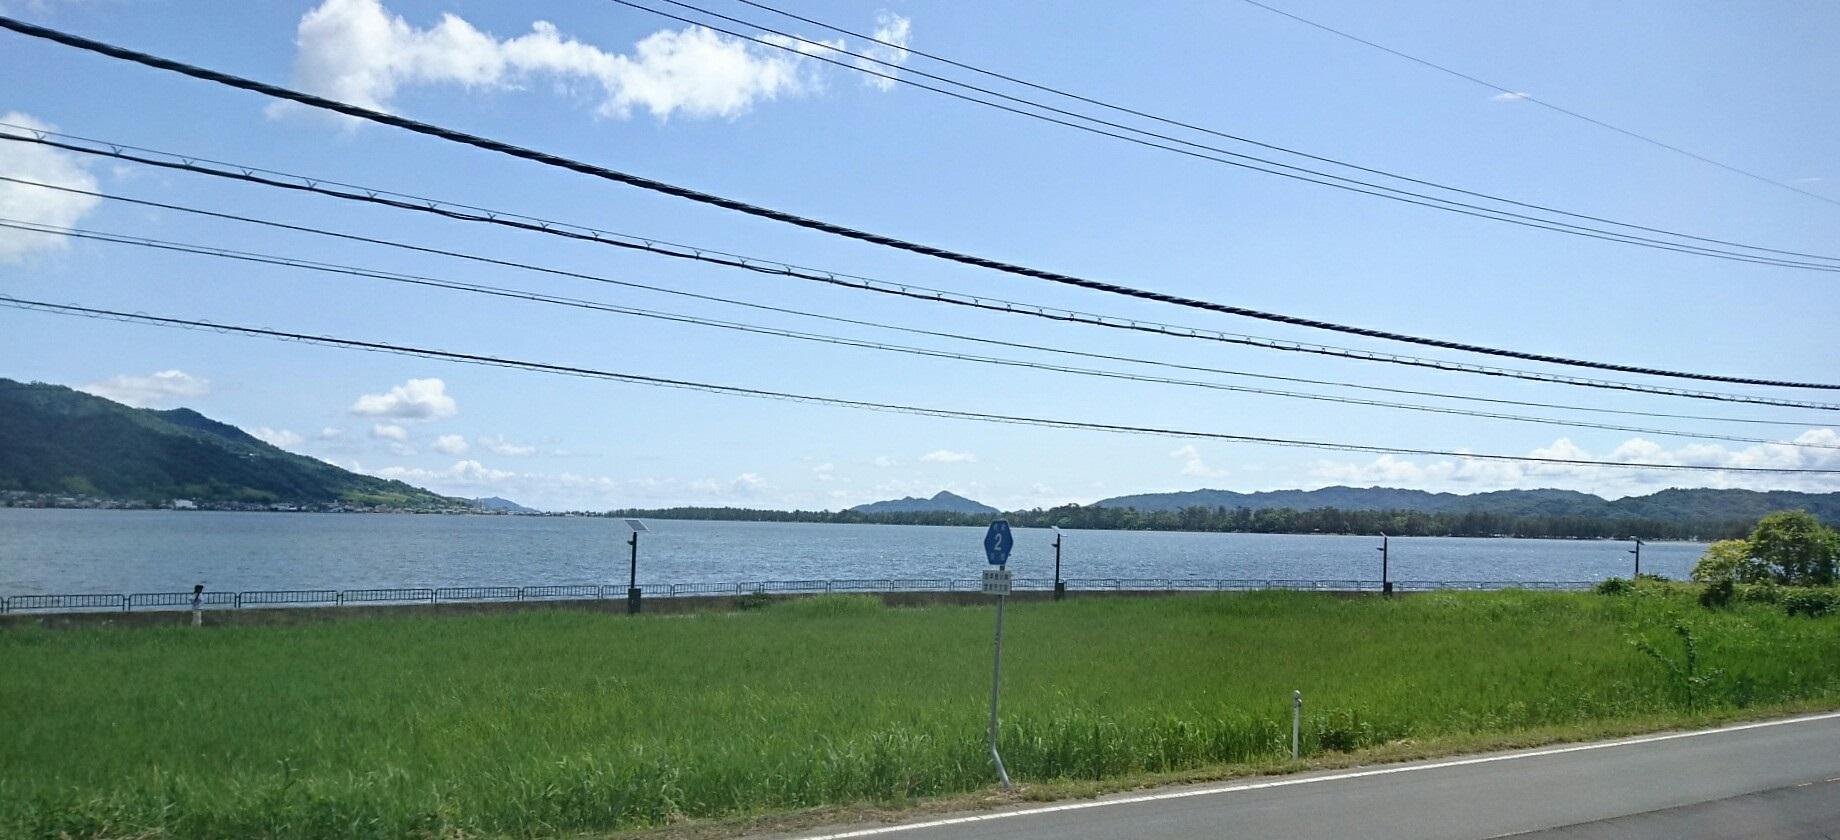 2017.6.4 天橋立 (46) 丹后のうみ(はしだて2号) - 阿蘇海 1840-840